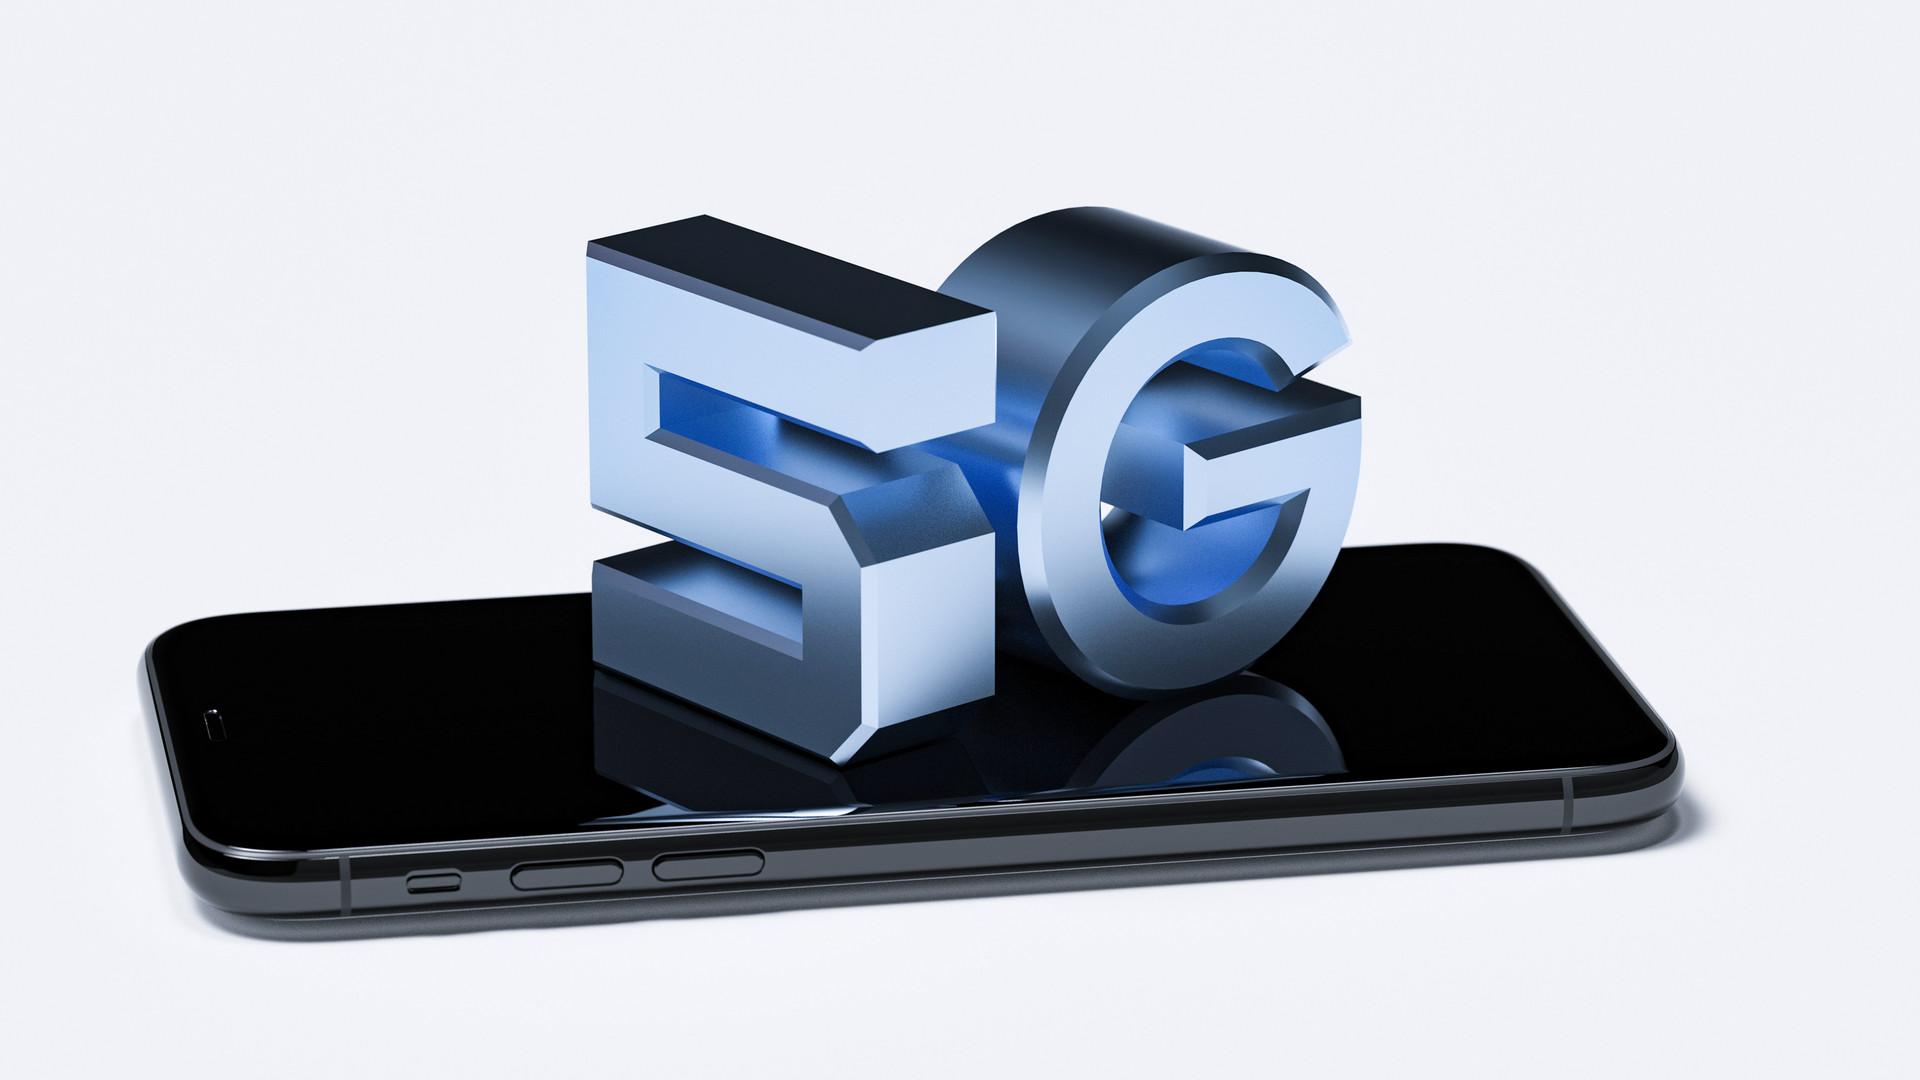 市面部分5G手机明年被淘汰?专家:不存在